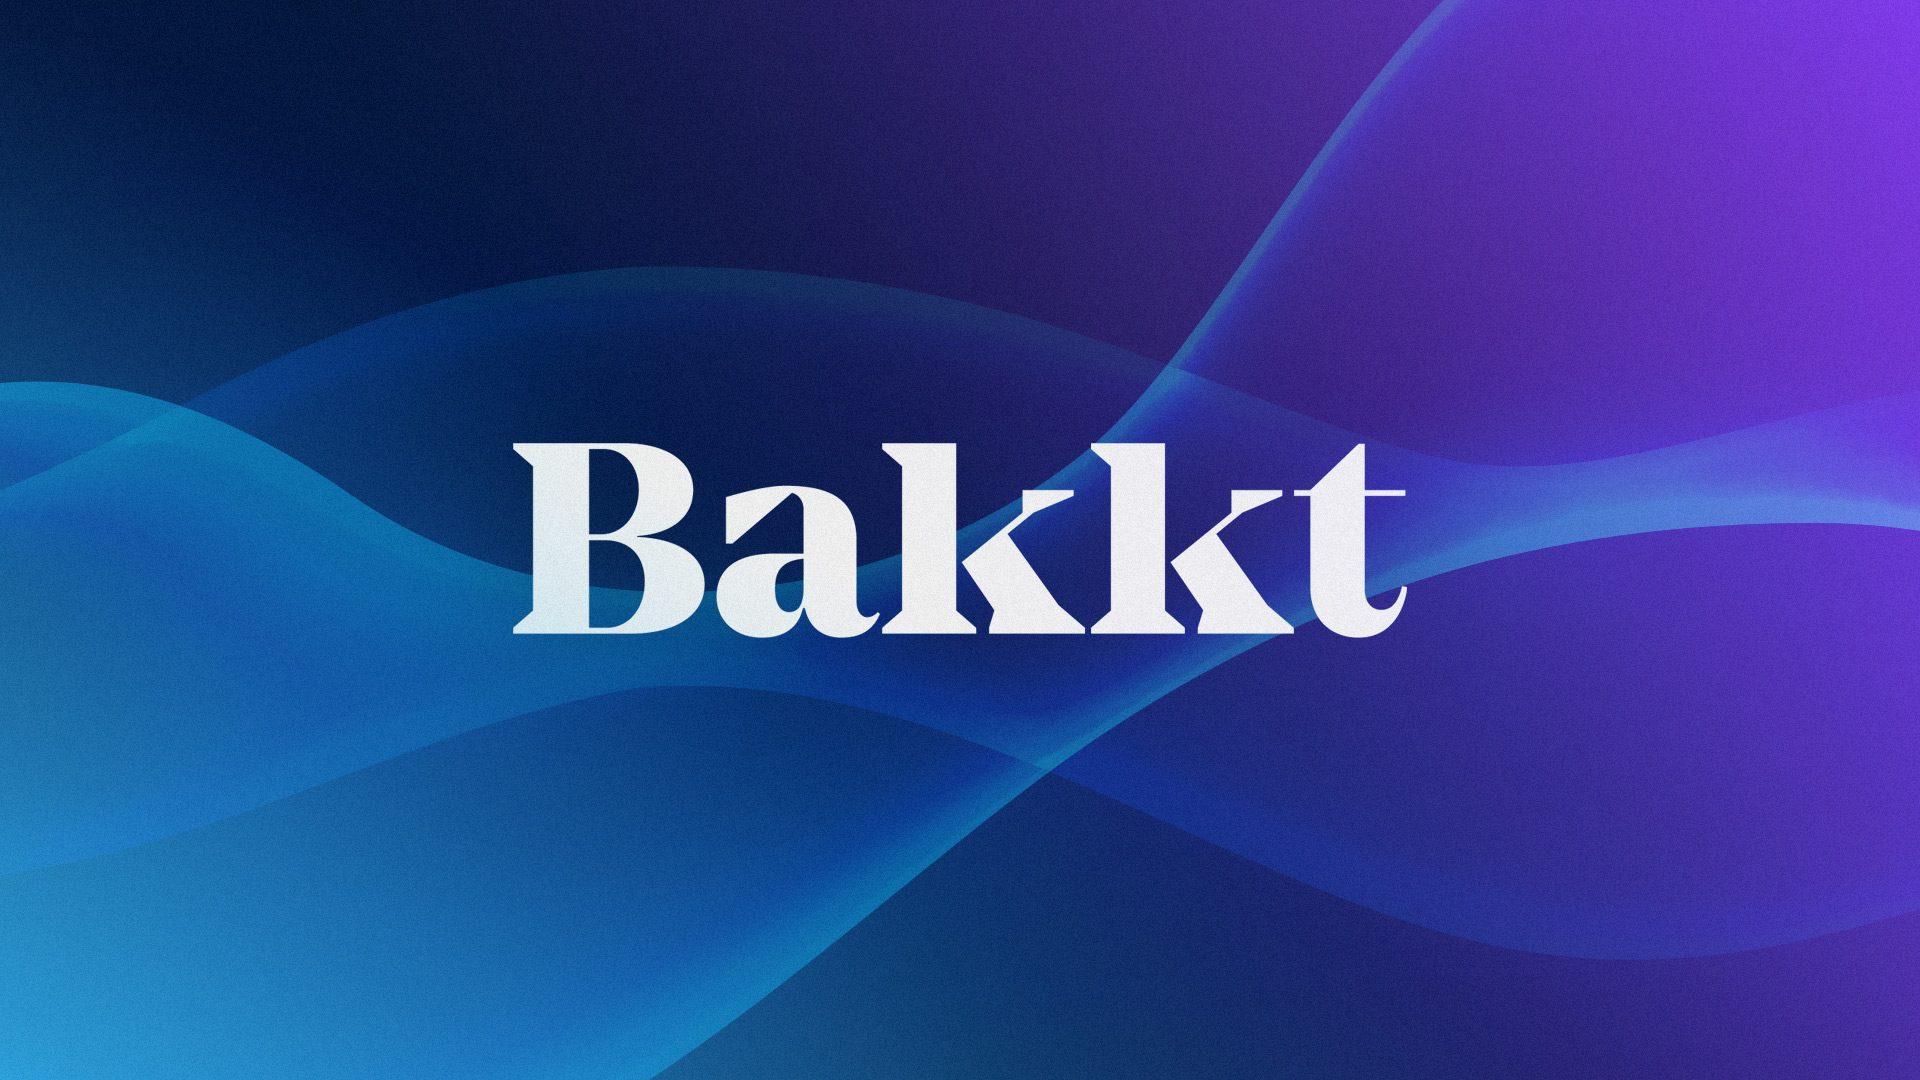 giá bitcoin: Bakkt phát hành Hợp đồng Quyền chọn Bitcoin đầu tiên được cấp phép